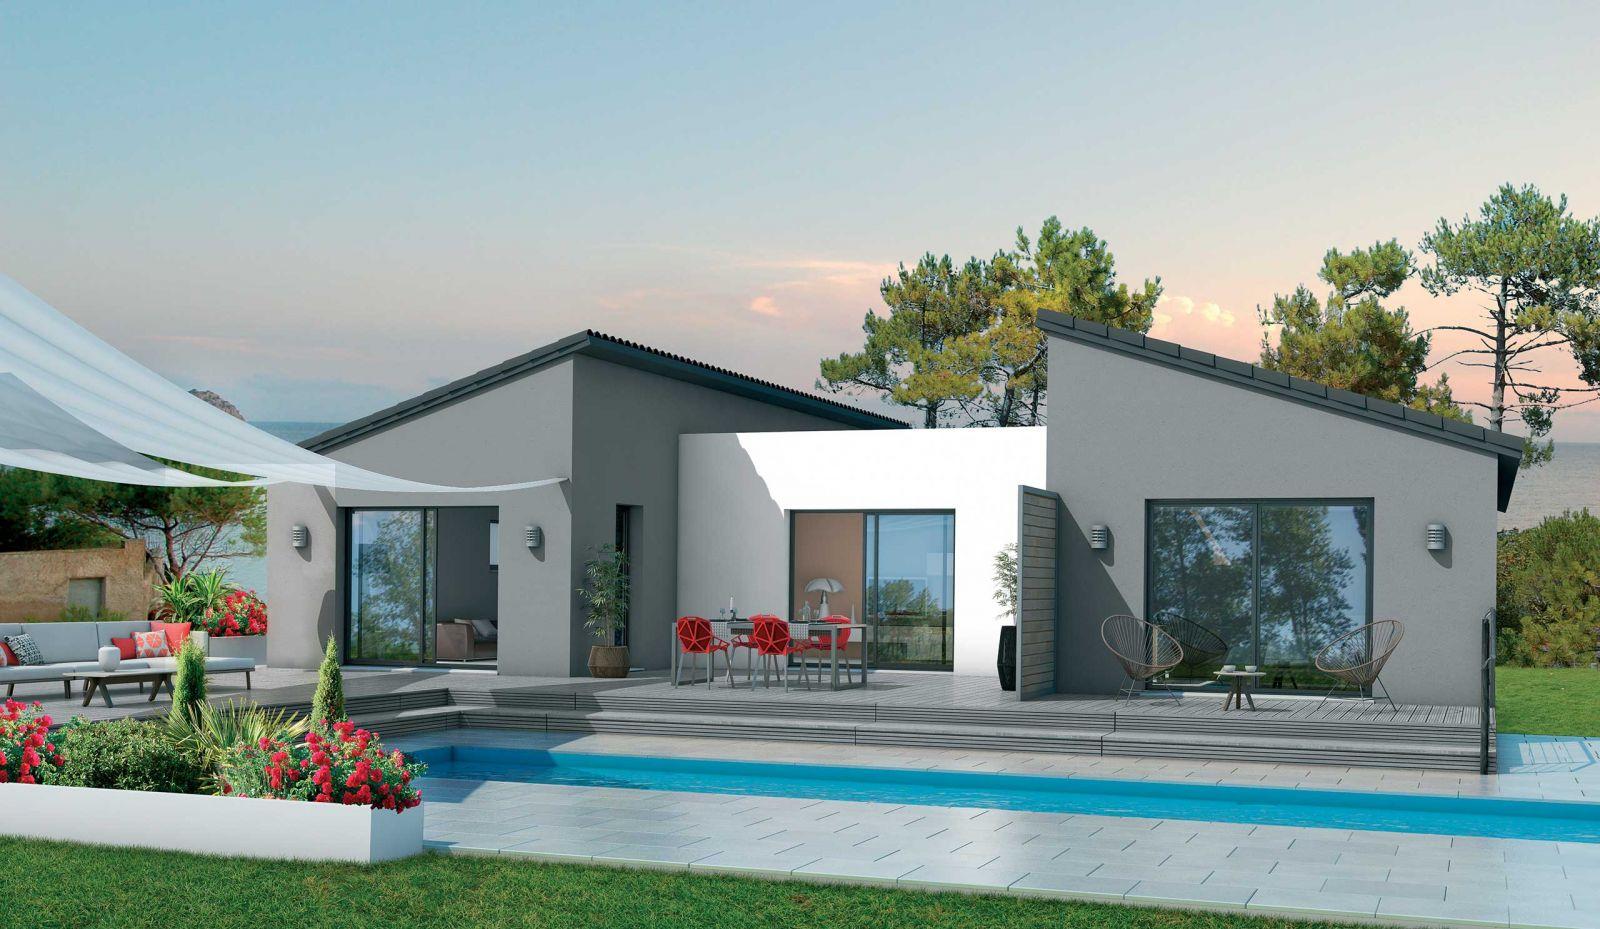 Terrain de 1100 m² + Maison de 117 m² + abri voiture 19 m² sur la commune de Budos